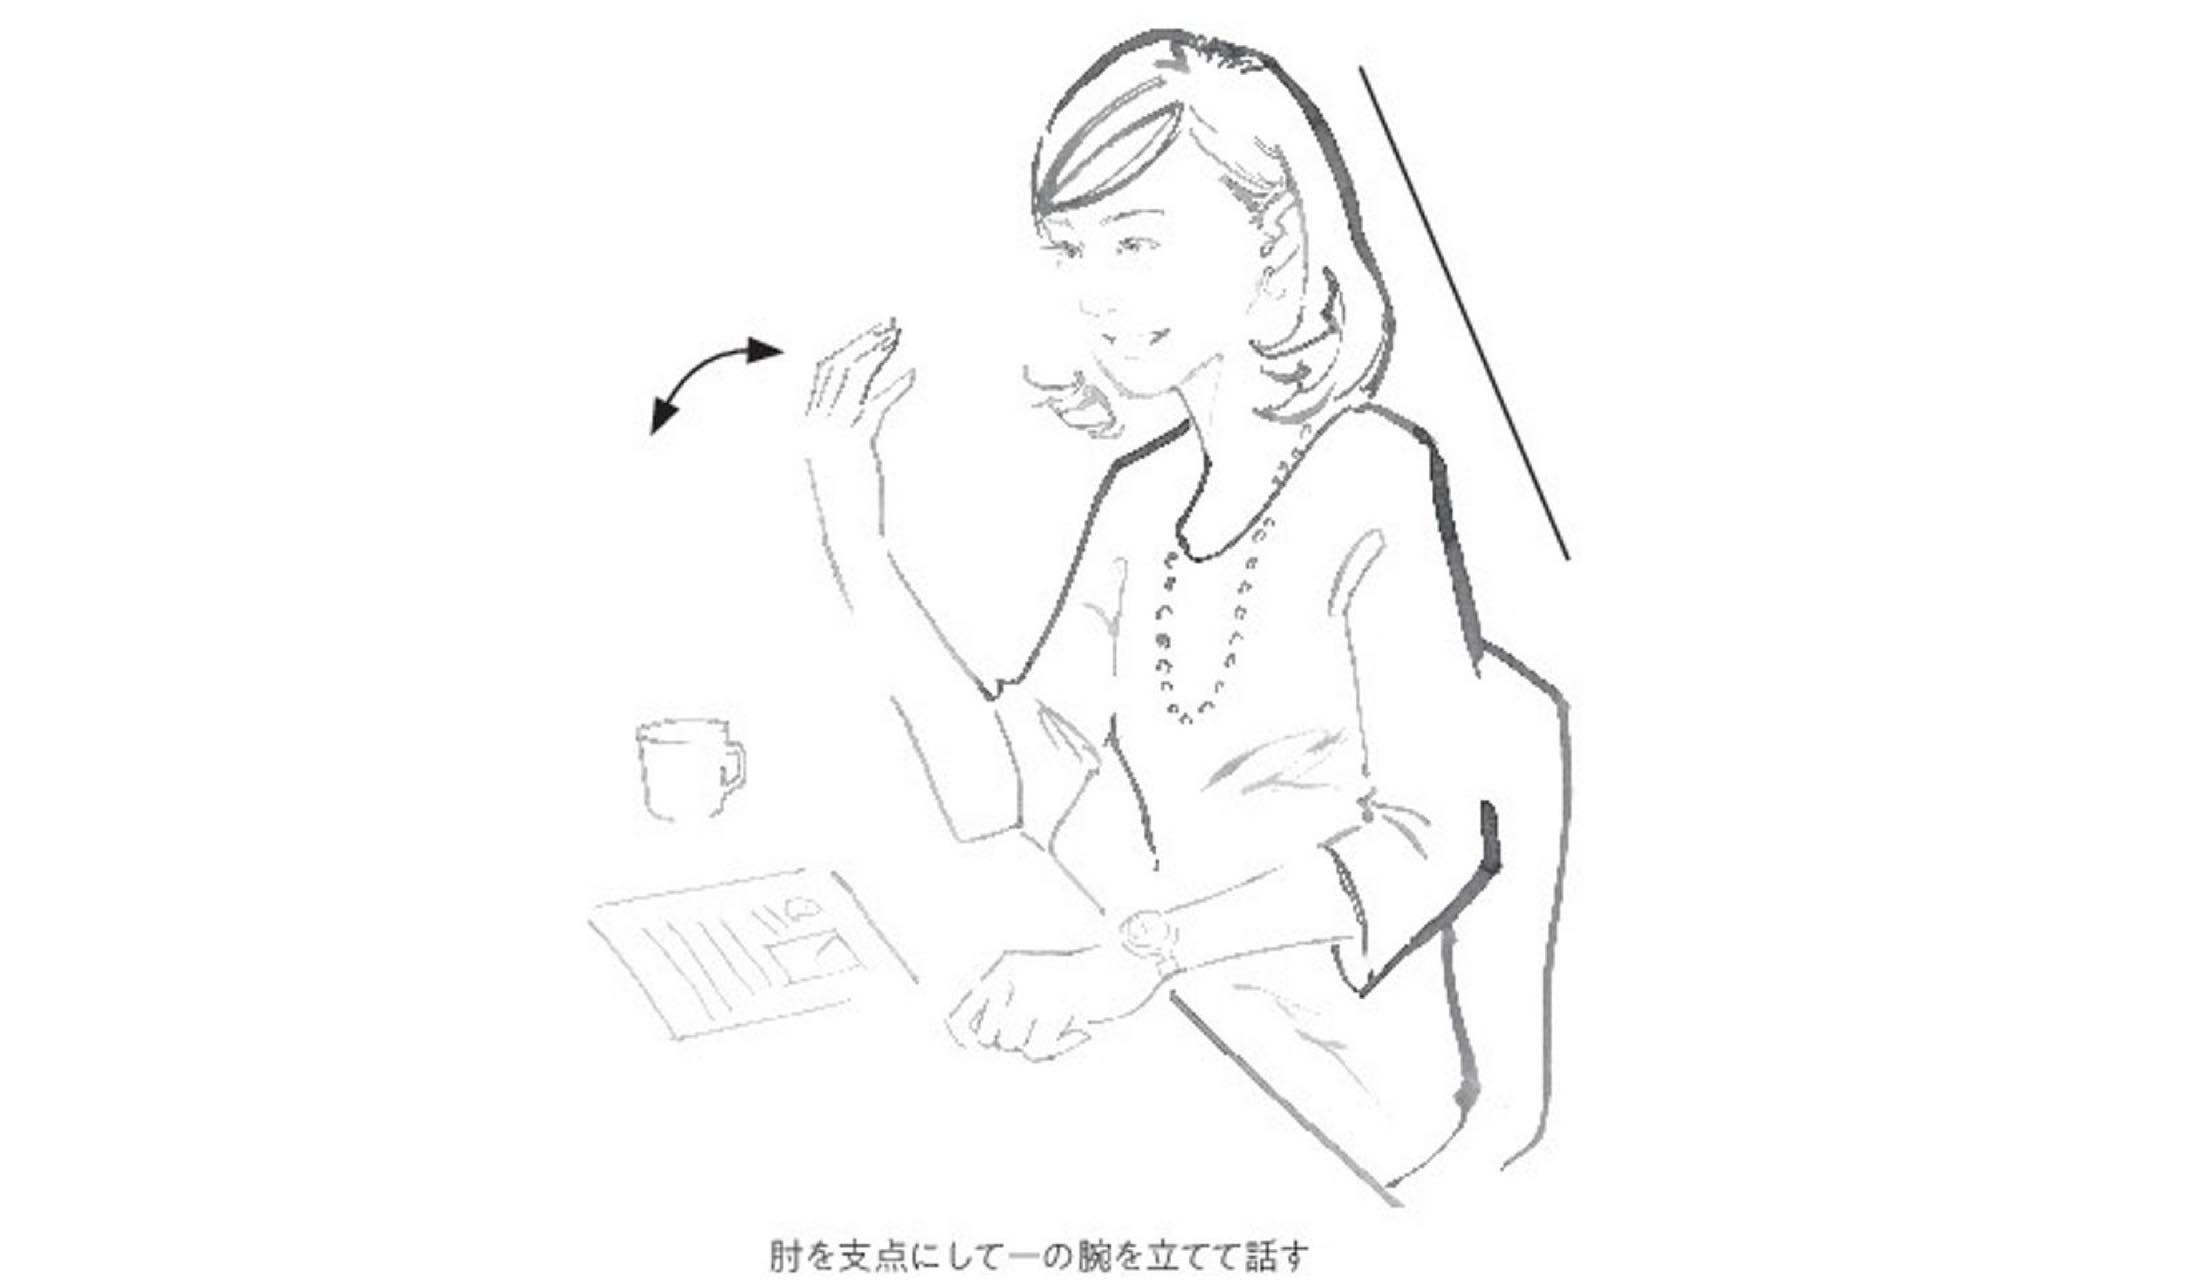 肘を支点にして話す女性のイラスト